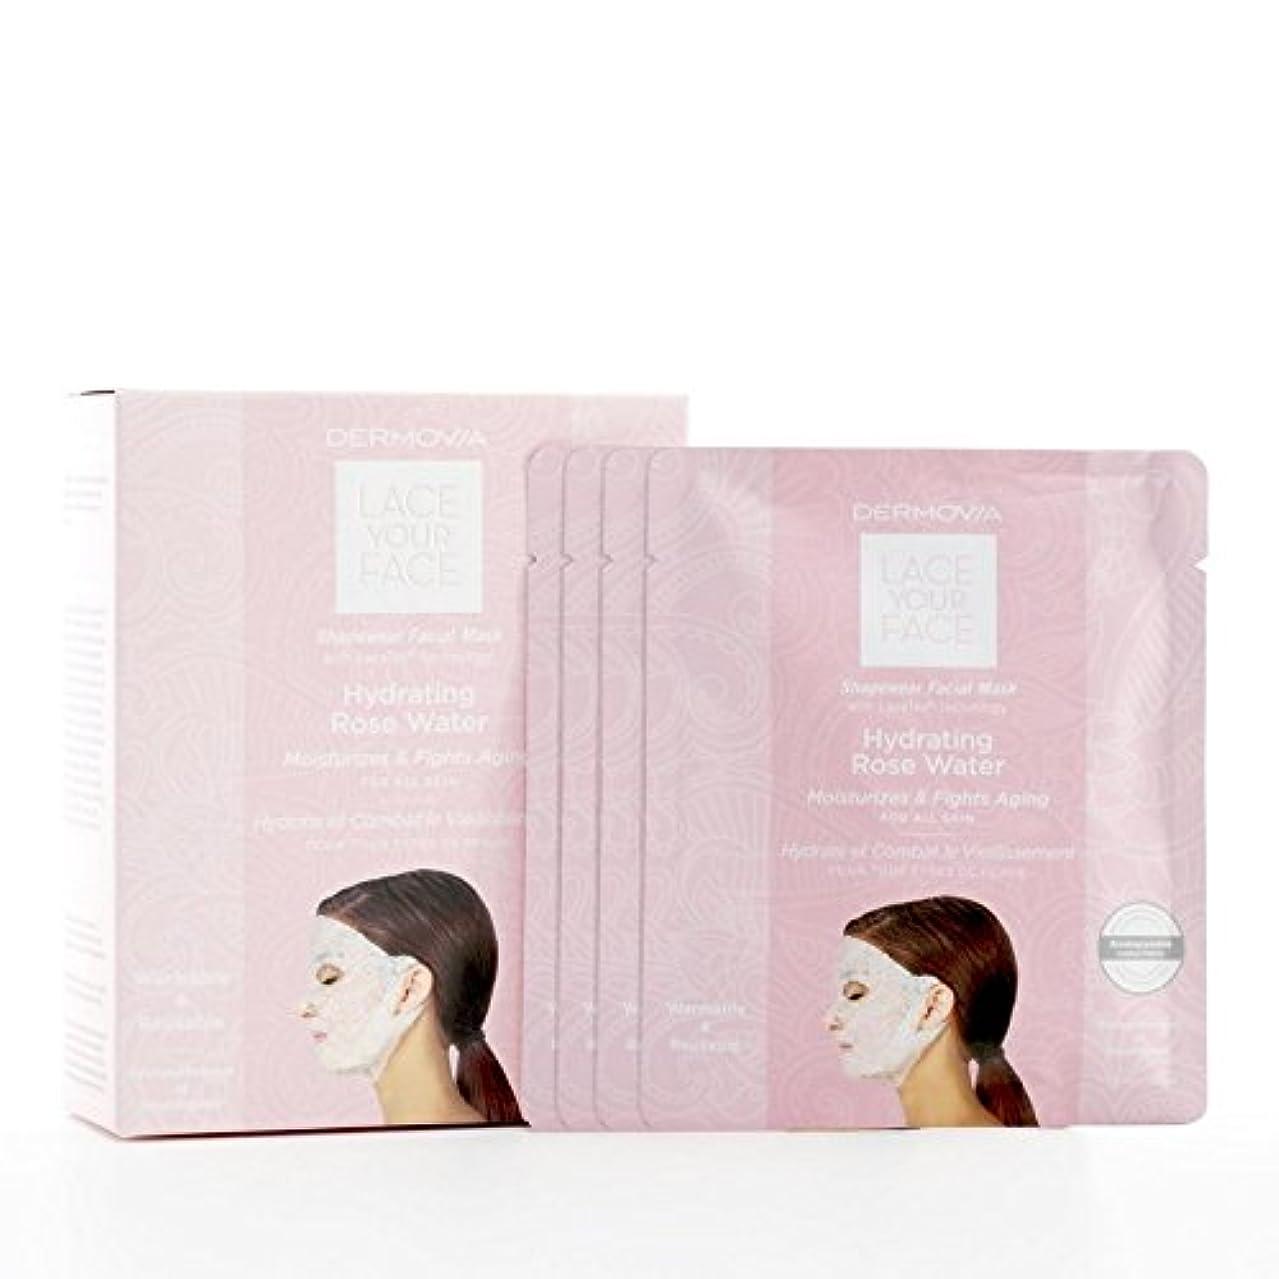 槍ポンド転倒Dermovia Lace Your Face Compression Facial Mask Hydrating Rose Water (Pack of 6) - は、あなたの顔の圧縮フェイシャルマスク水和が水をバラレース...